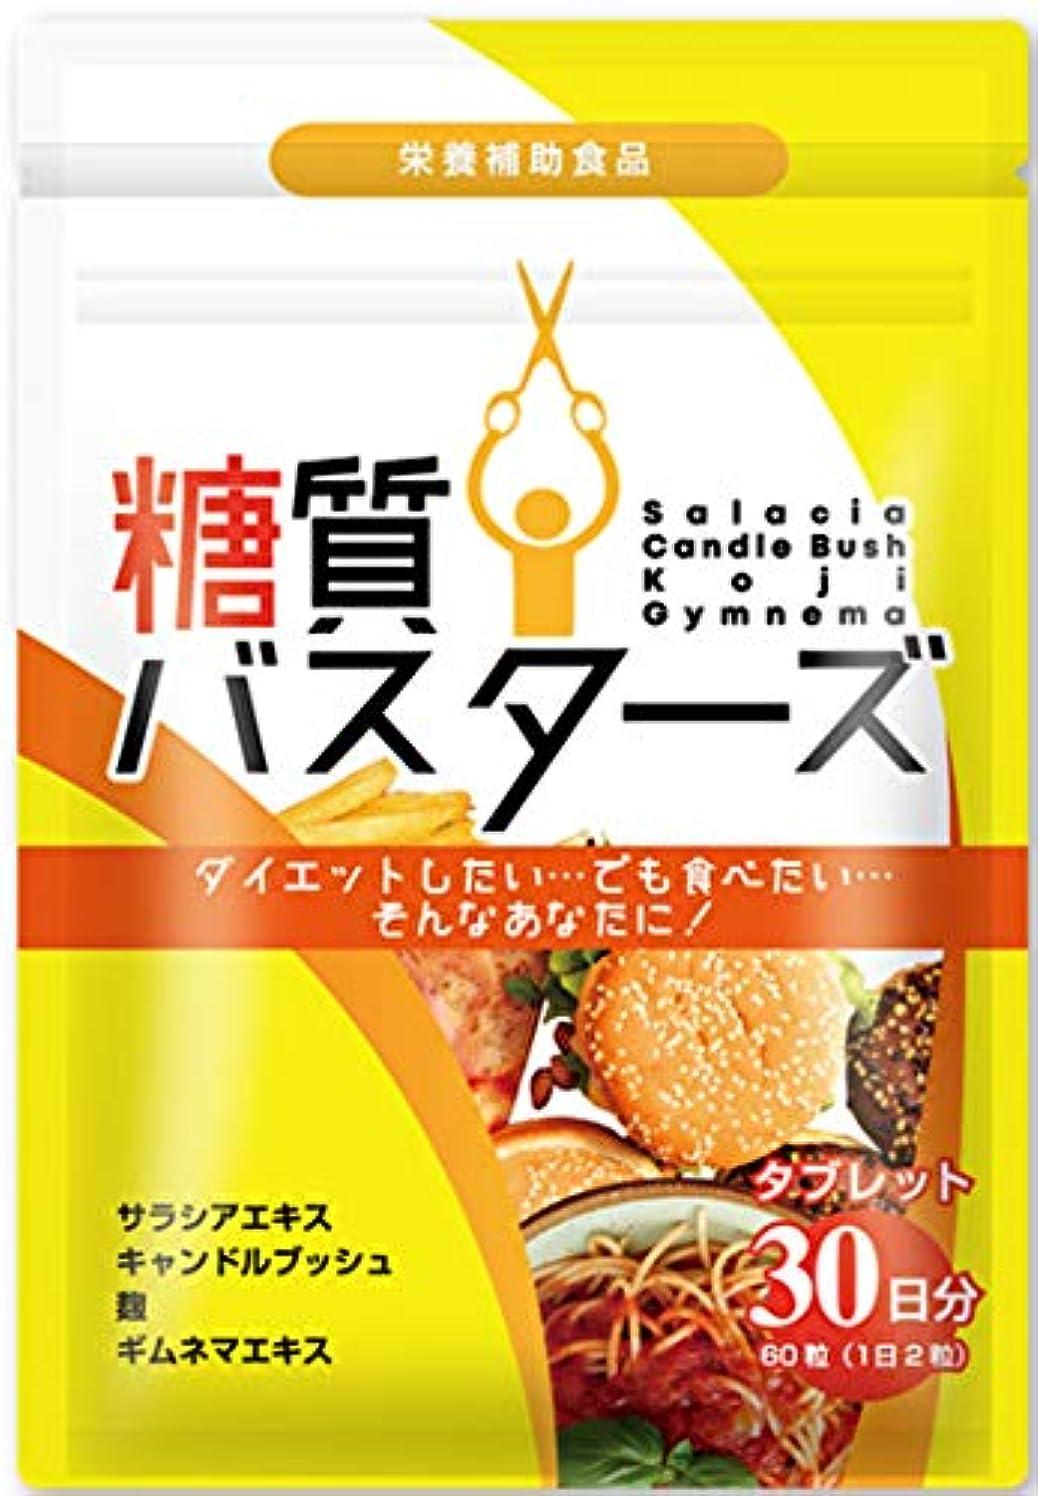 情熱的のぞき穴故国糖質バスターズ (30日分)ダイエットサプリ 糖質オフ 糖質カット 糖質制限 脂肪燃焼 ダイエット サラシア サプリ 糖質ダイエット